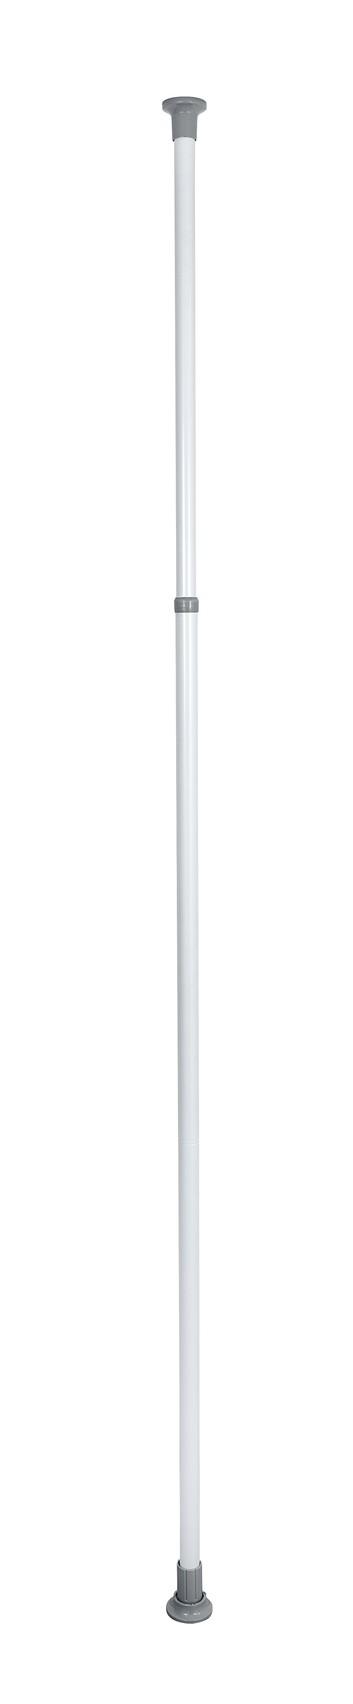 Hauptstange Herkules, 165-300 cm